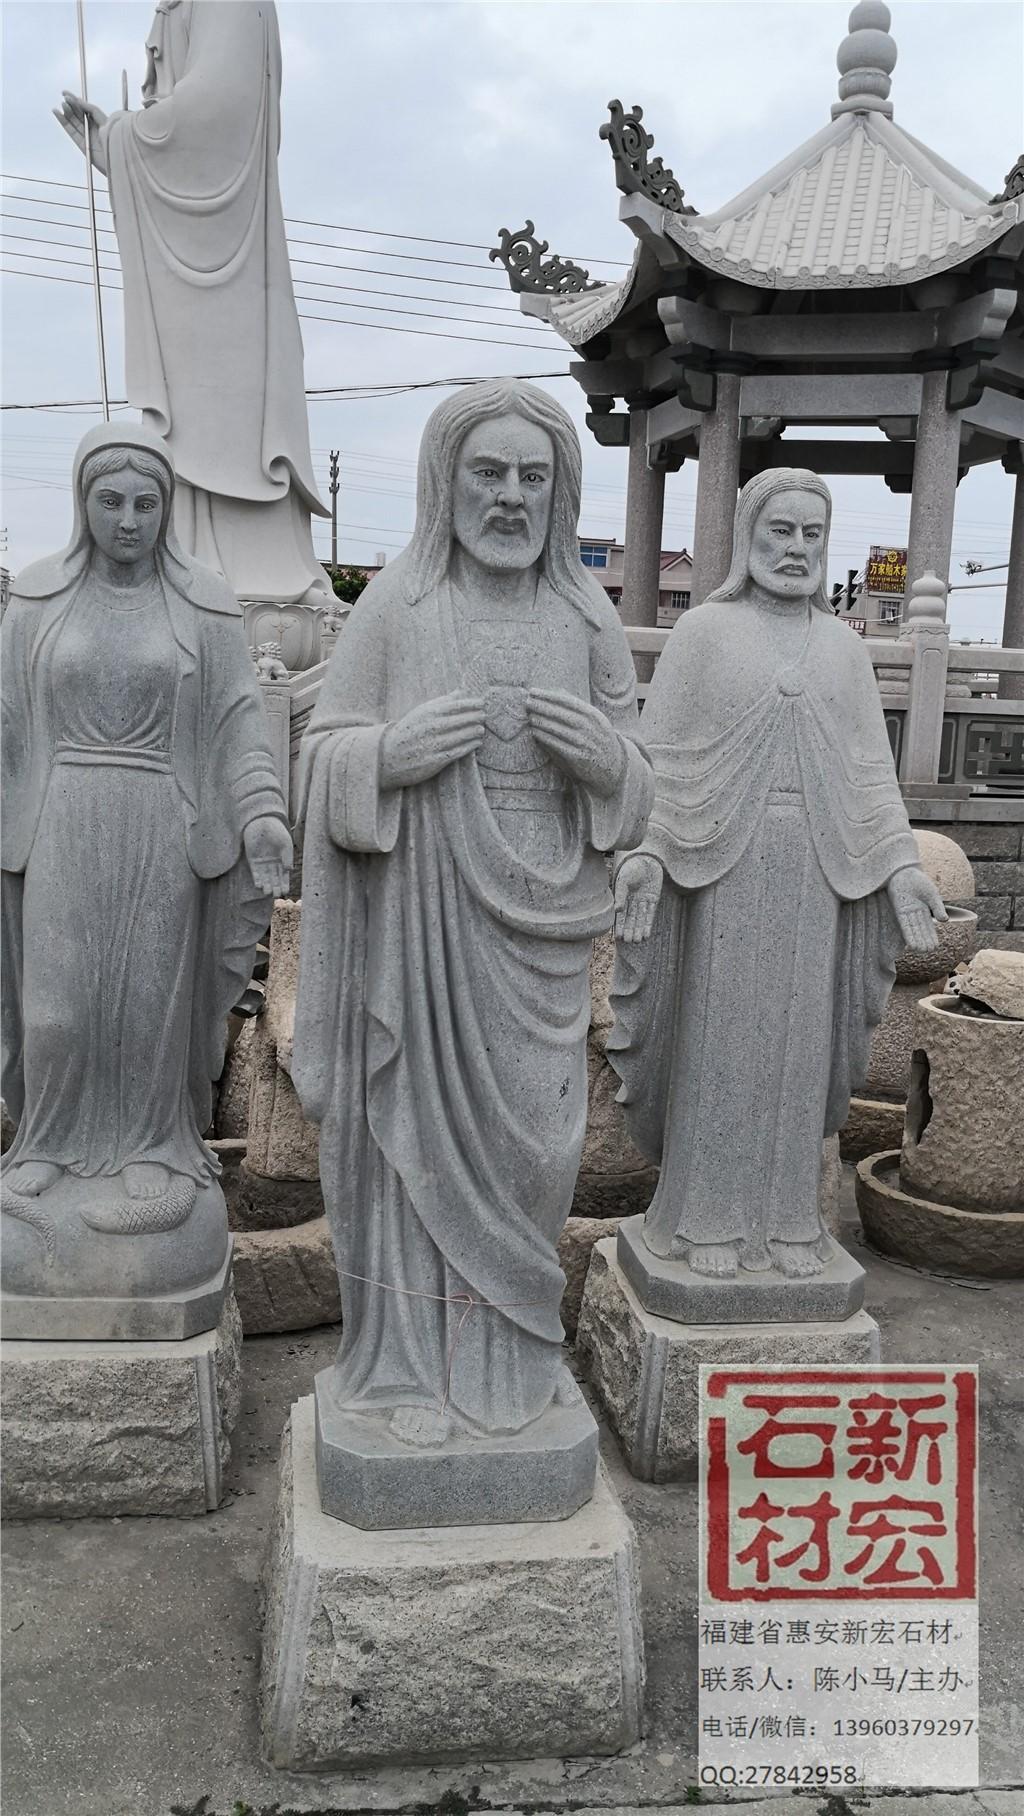 供应耶稣雕像